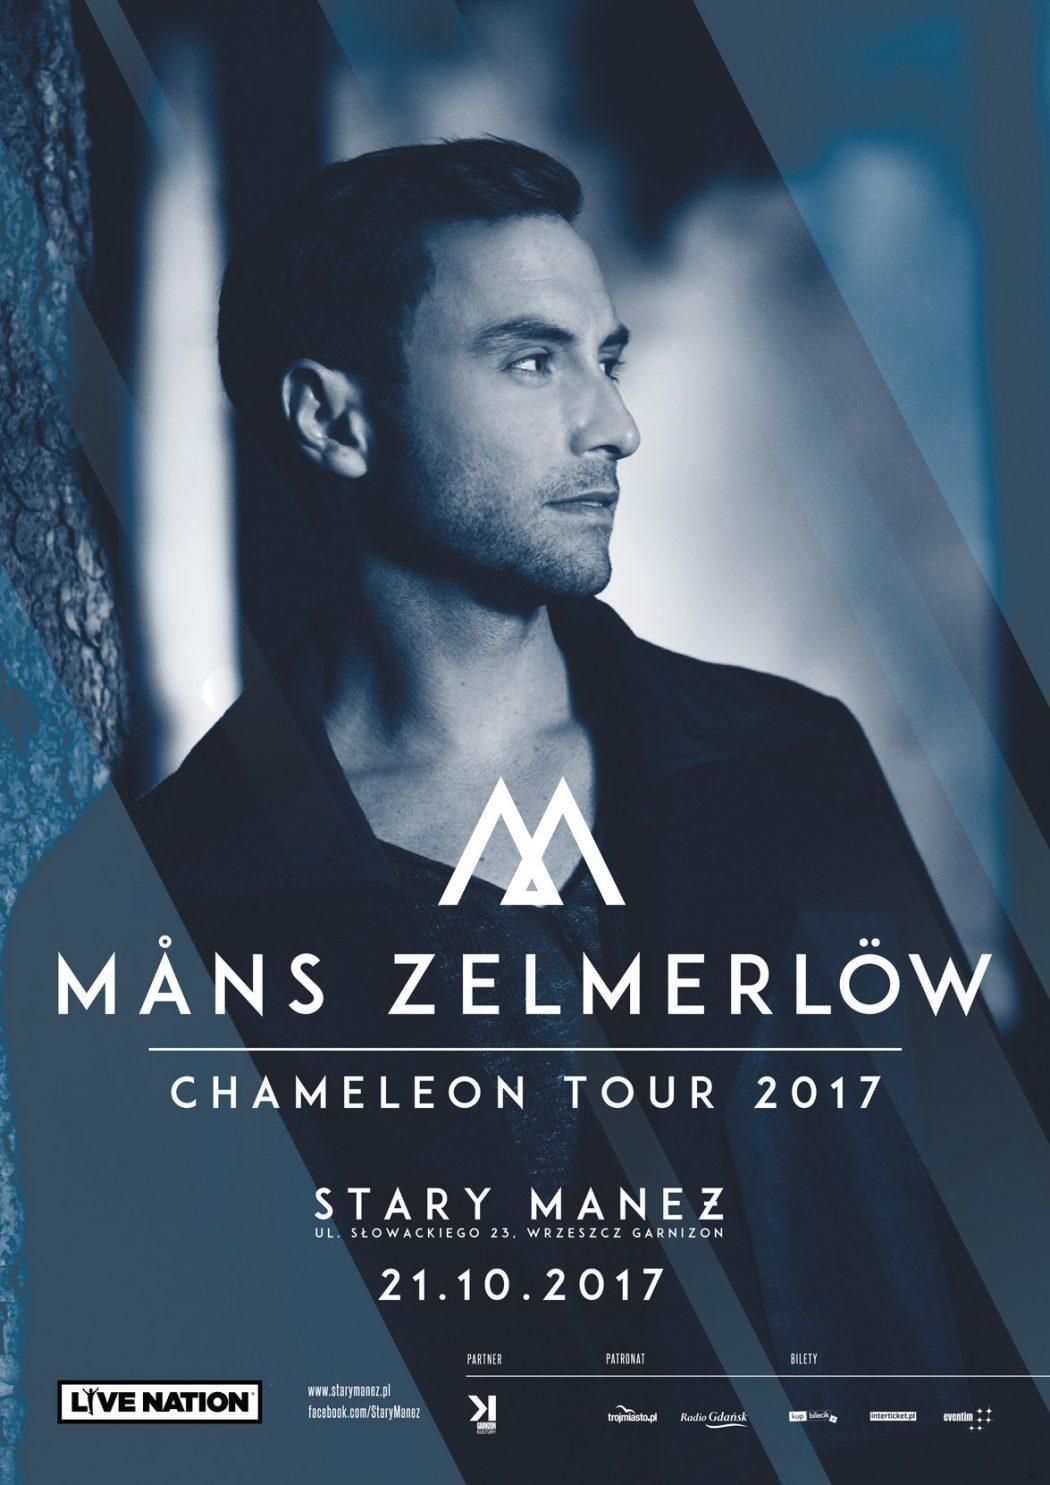 magazynkobiet.pl - MansZelmerlow StaryManez B1 view2 1 1050x1485 - MÅNS ZELMERLÖW WYSTĄPI 21 PAŹDZIERNIKA 2017 W GDAŃSKIM STARYM MANEŻU !!!